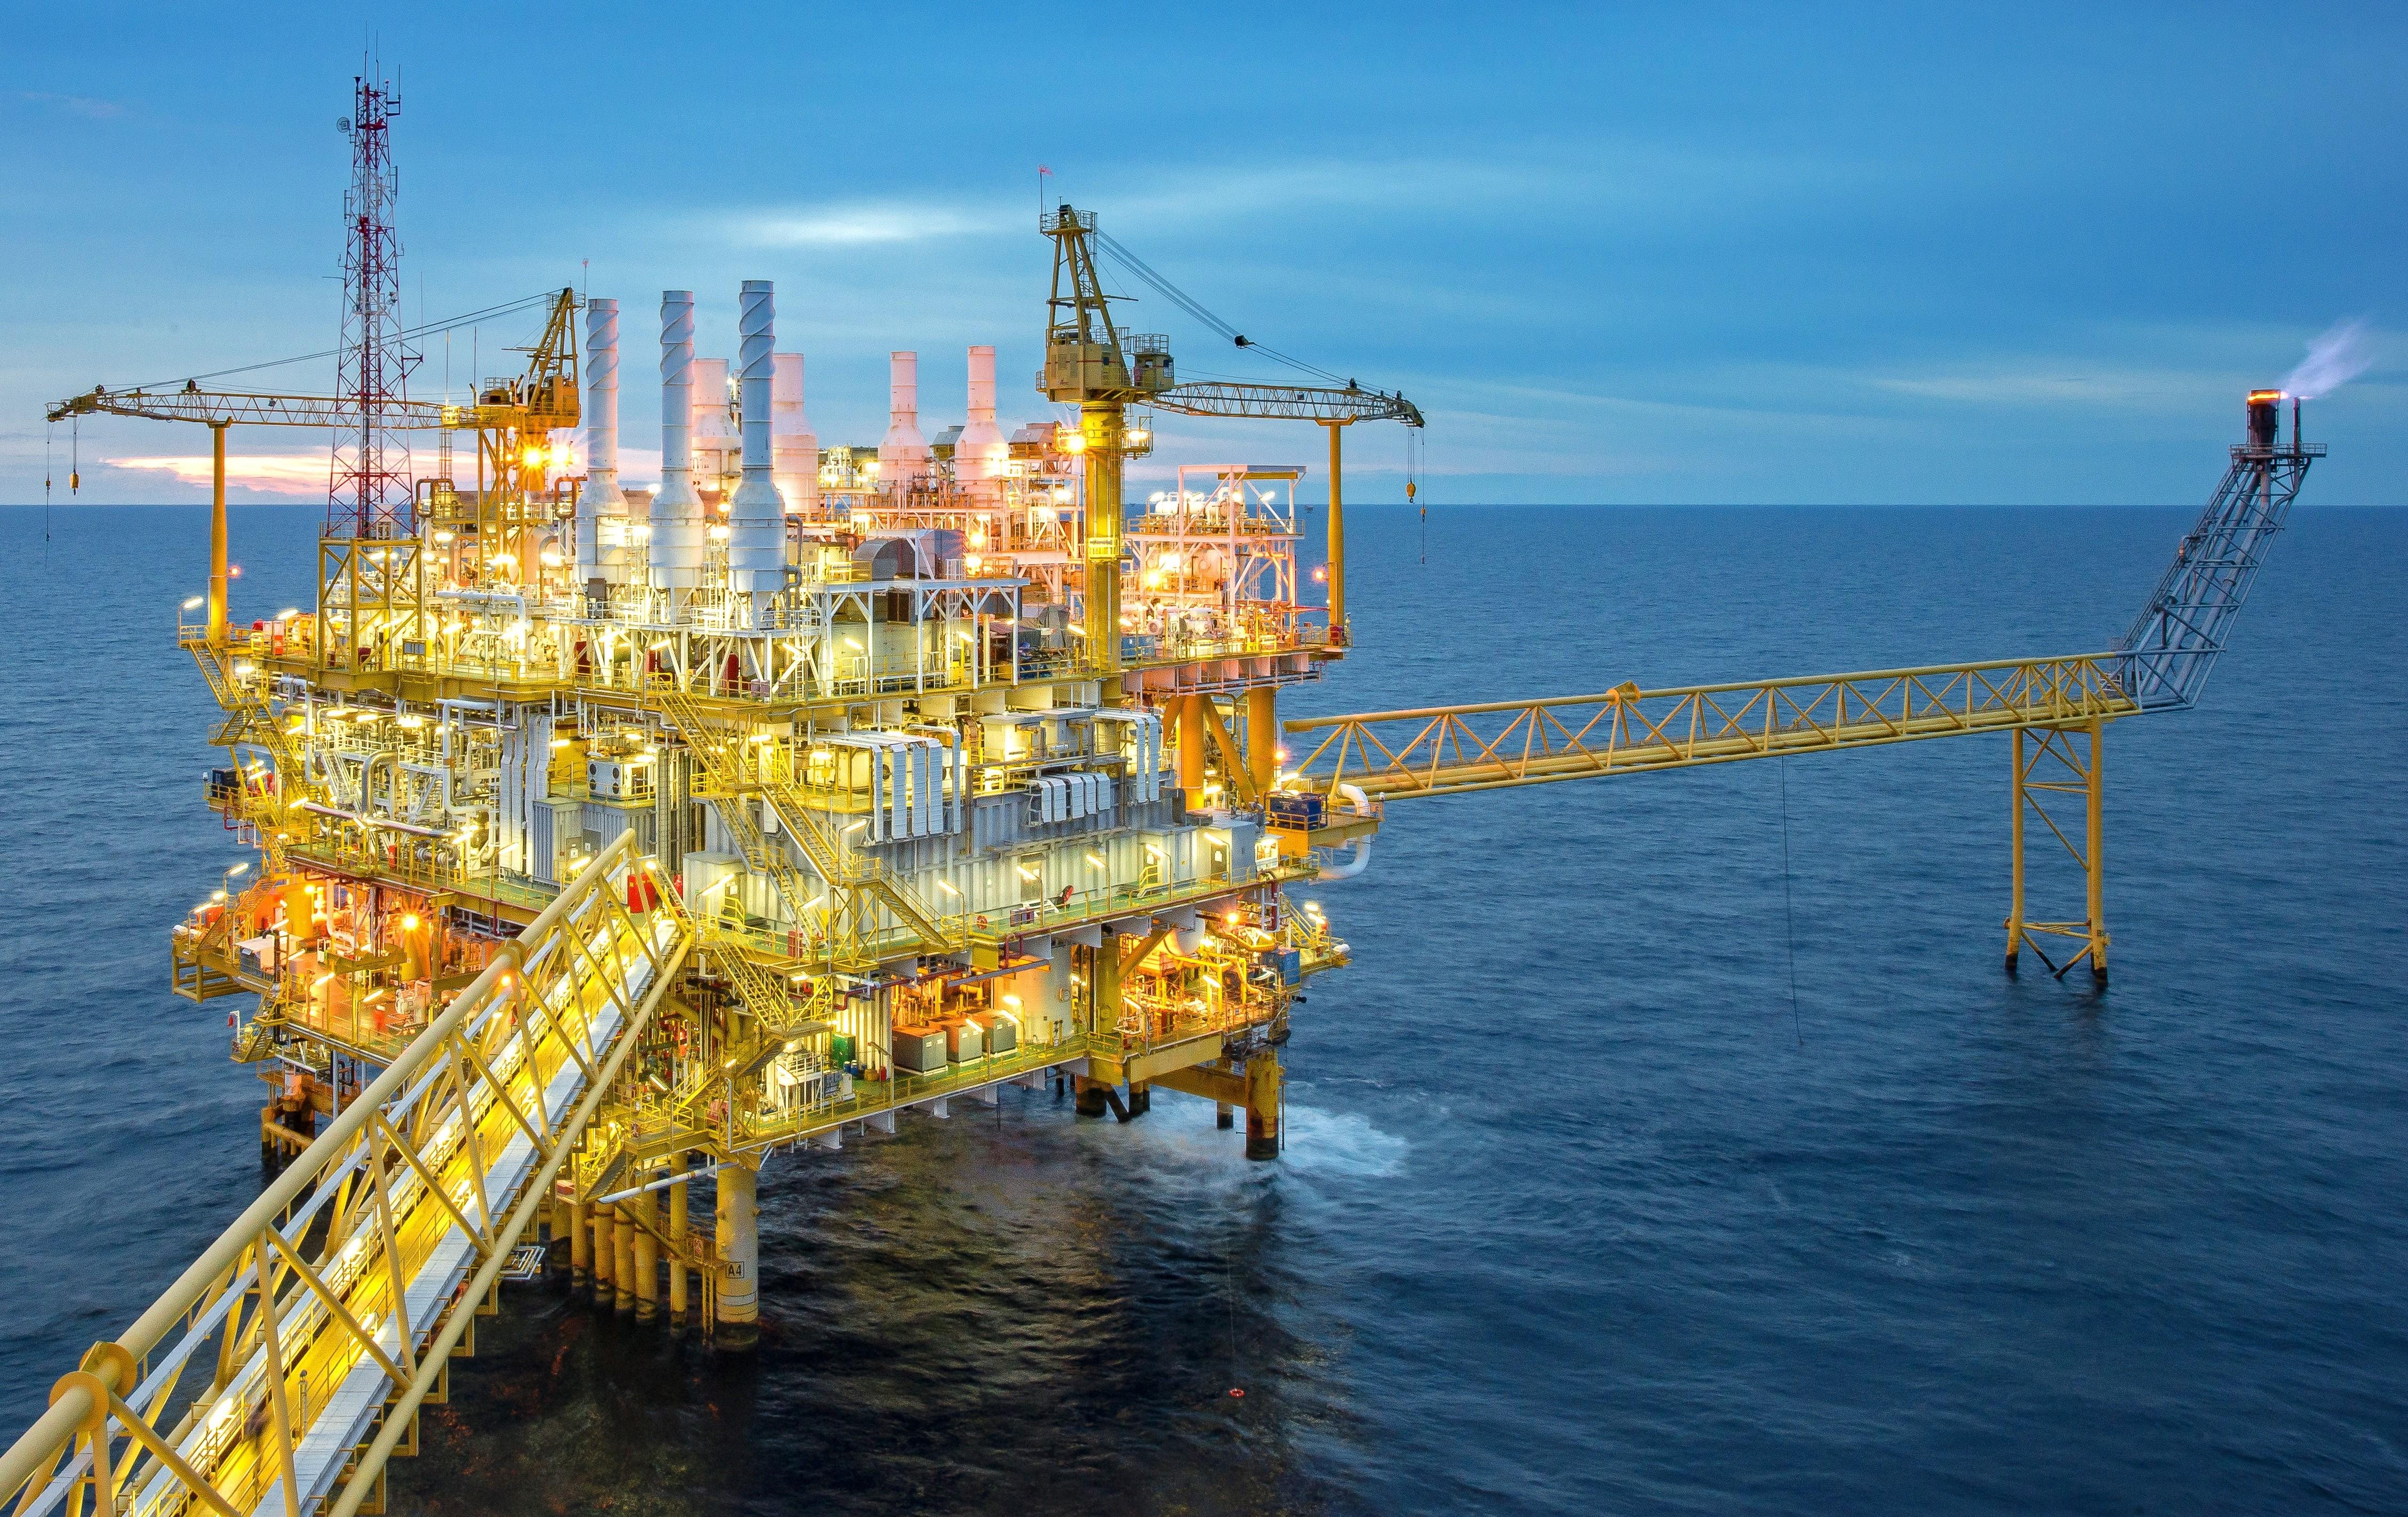 capital asset lifecycle energy & utilities 3.jpg